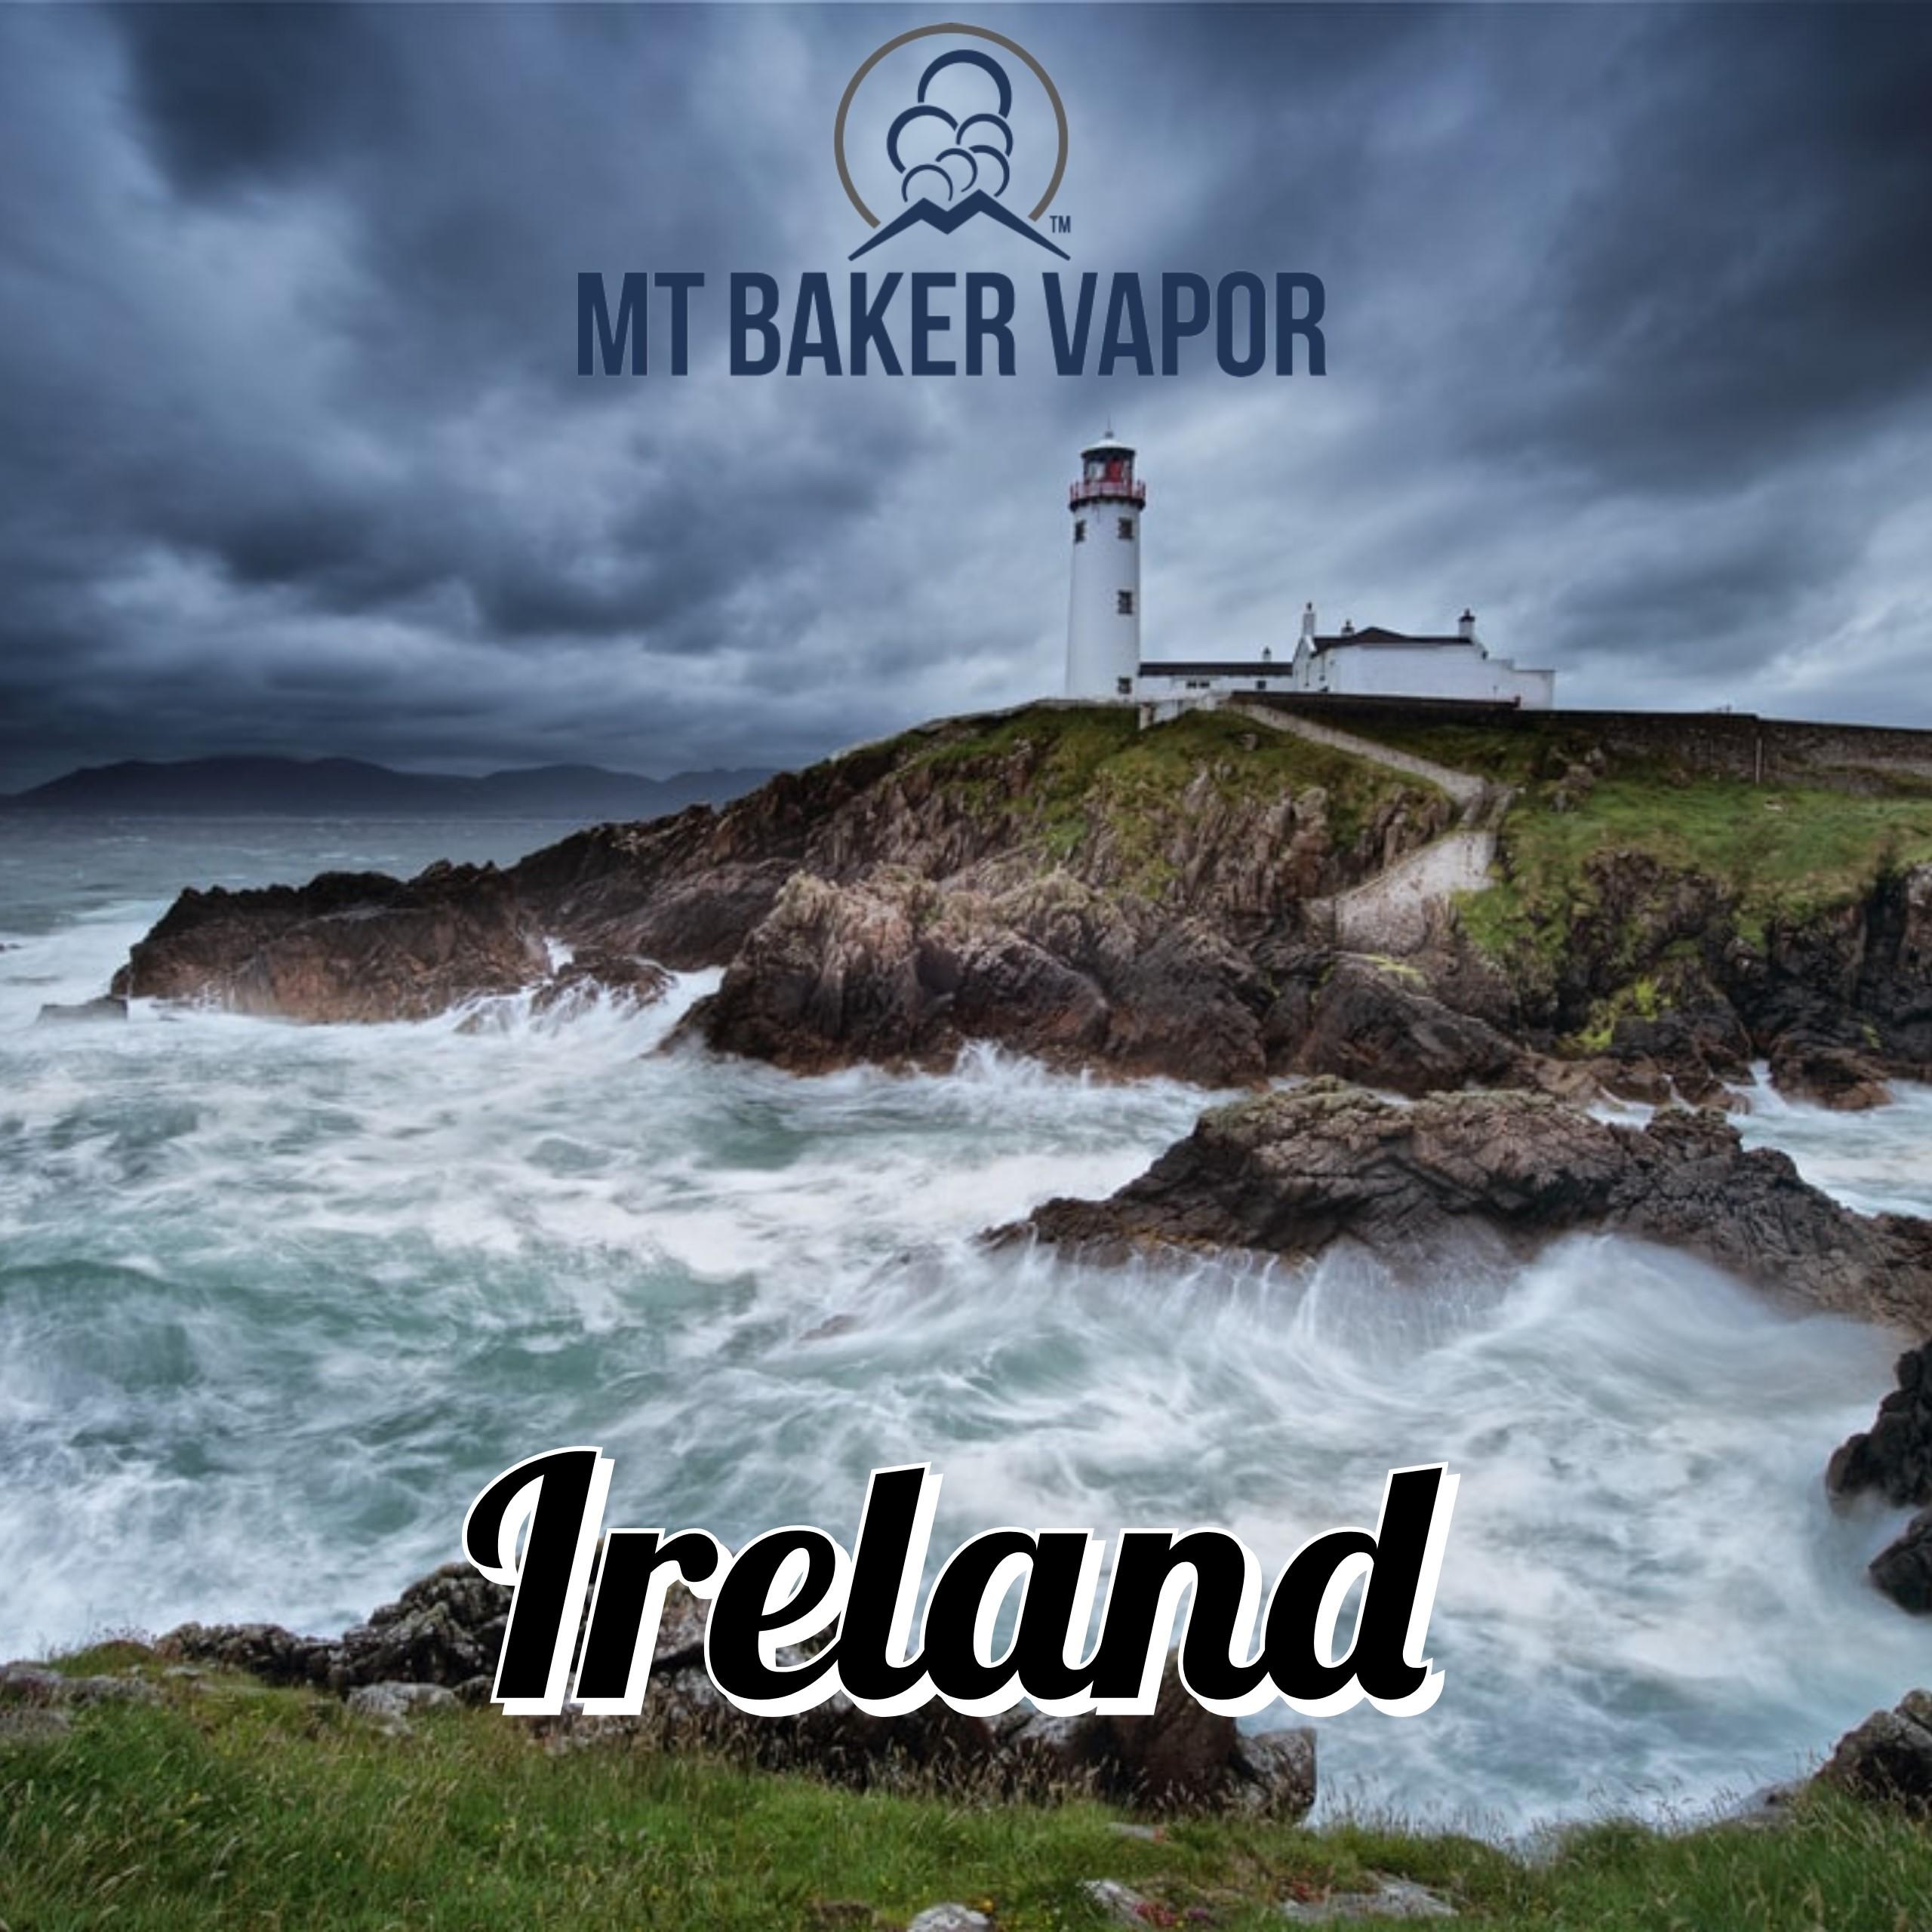 Mt Baker Vapor and Ireland